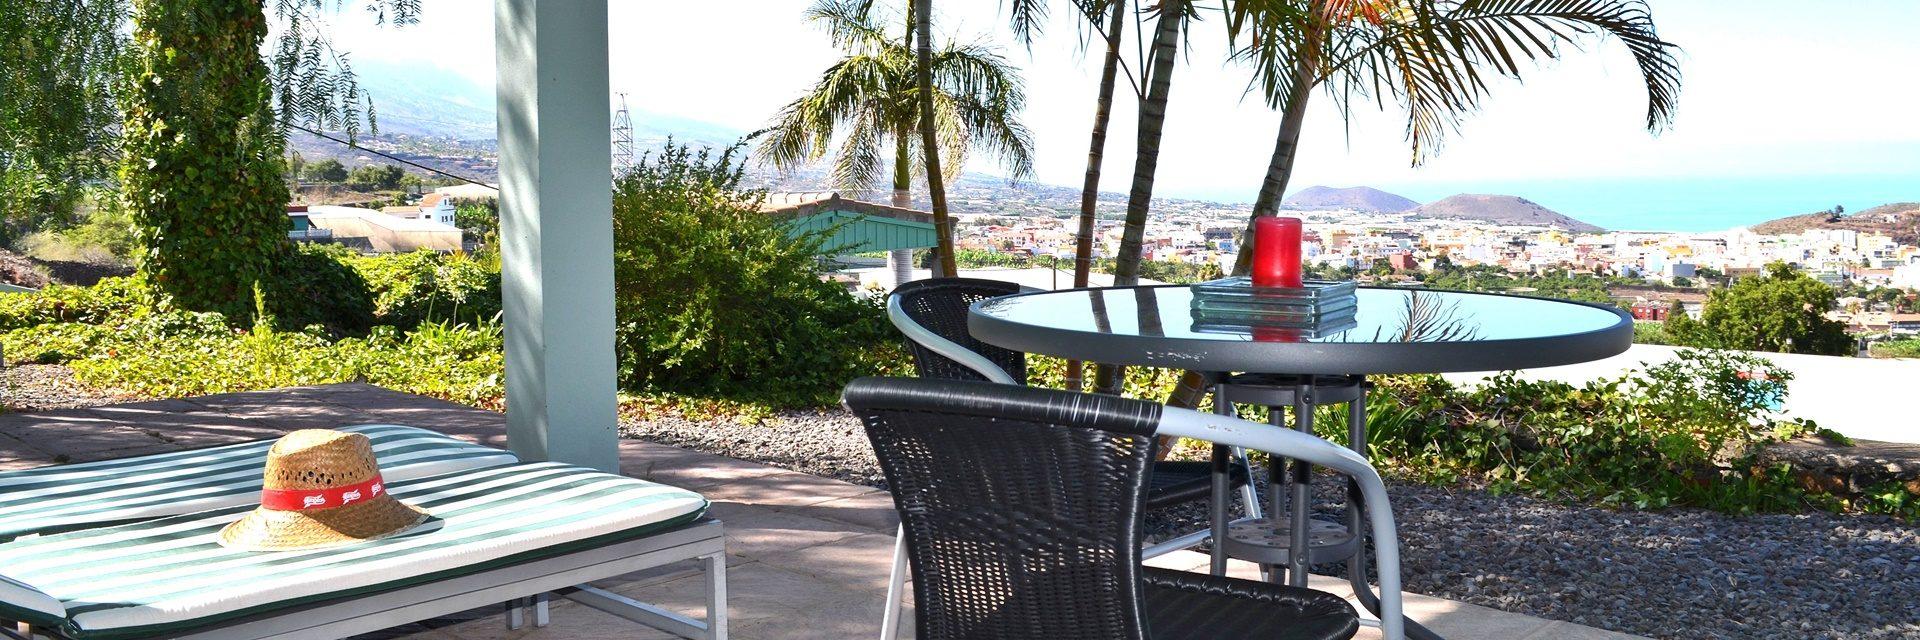 Vakantiewoning Casa Galan - La Palma - Canarische Eilanden